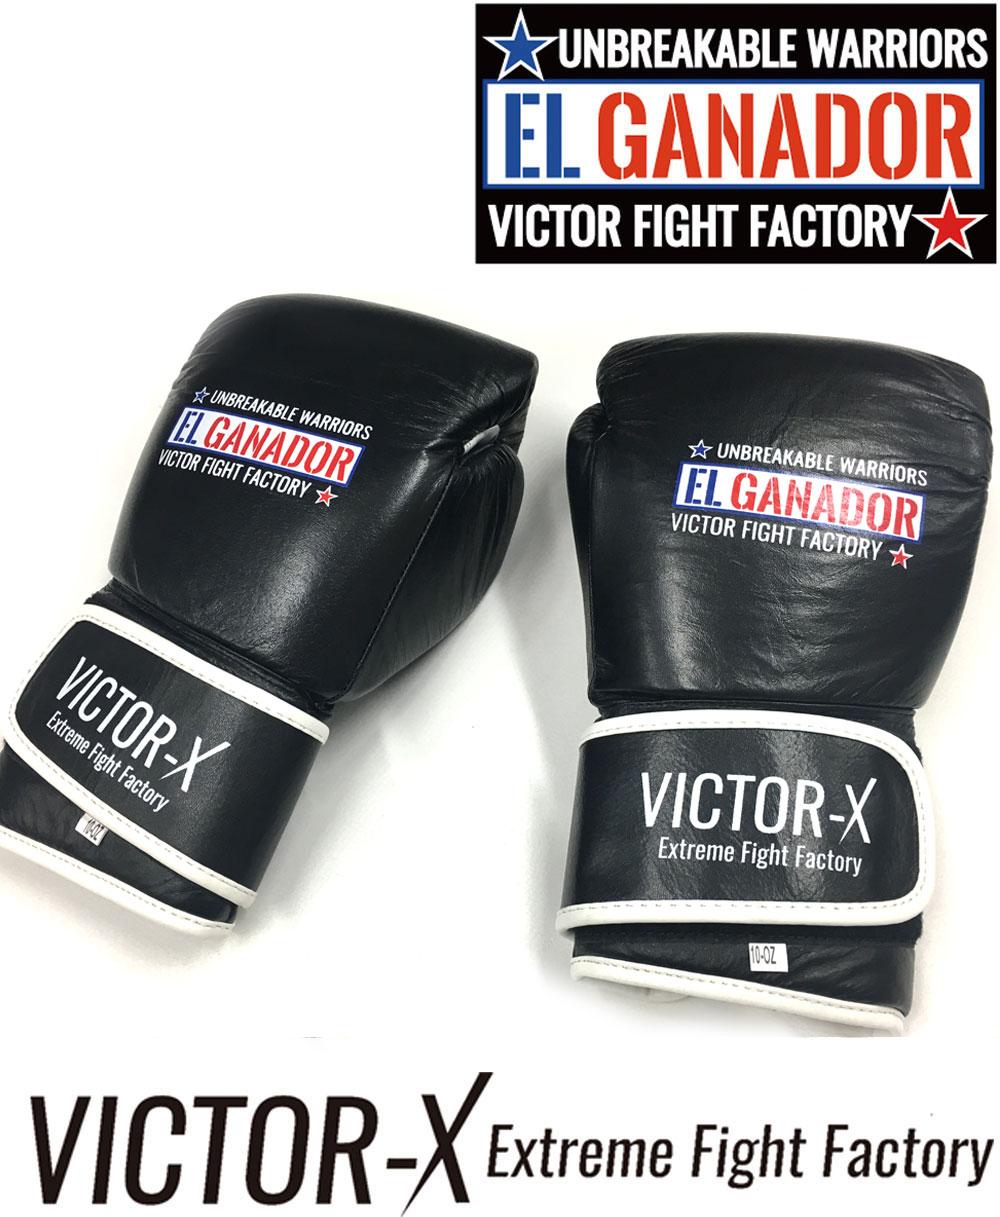 EL GANADOR VELCRO TYPE BOXING GLOVE(VICTOR ) ※YouTuberファミリータイムクーポン対象商品 FT愛用モデル